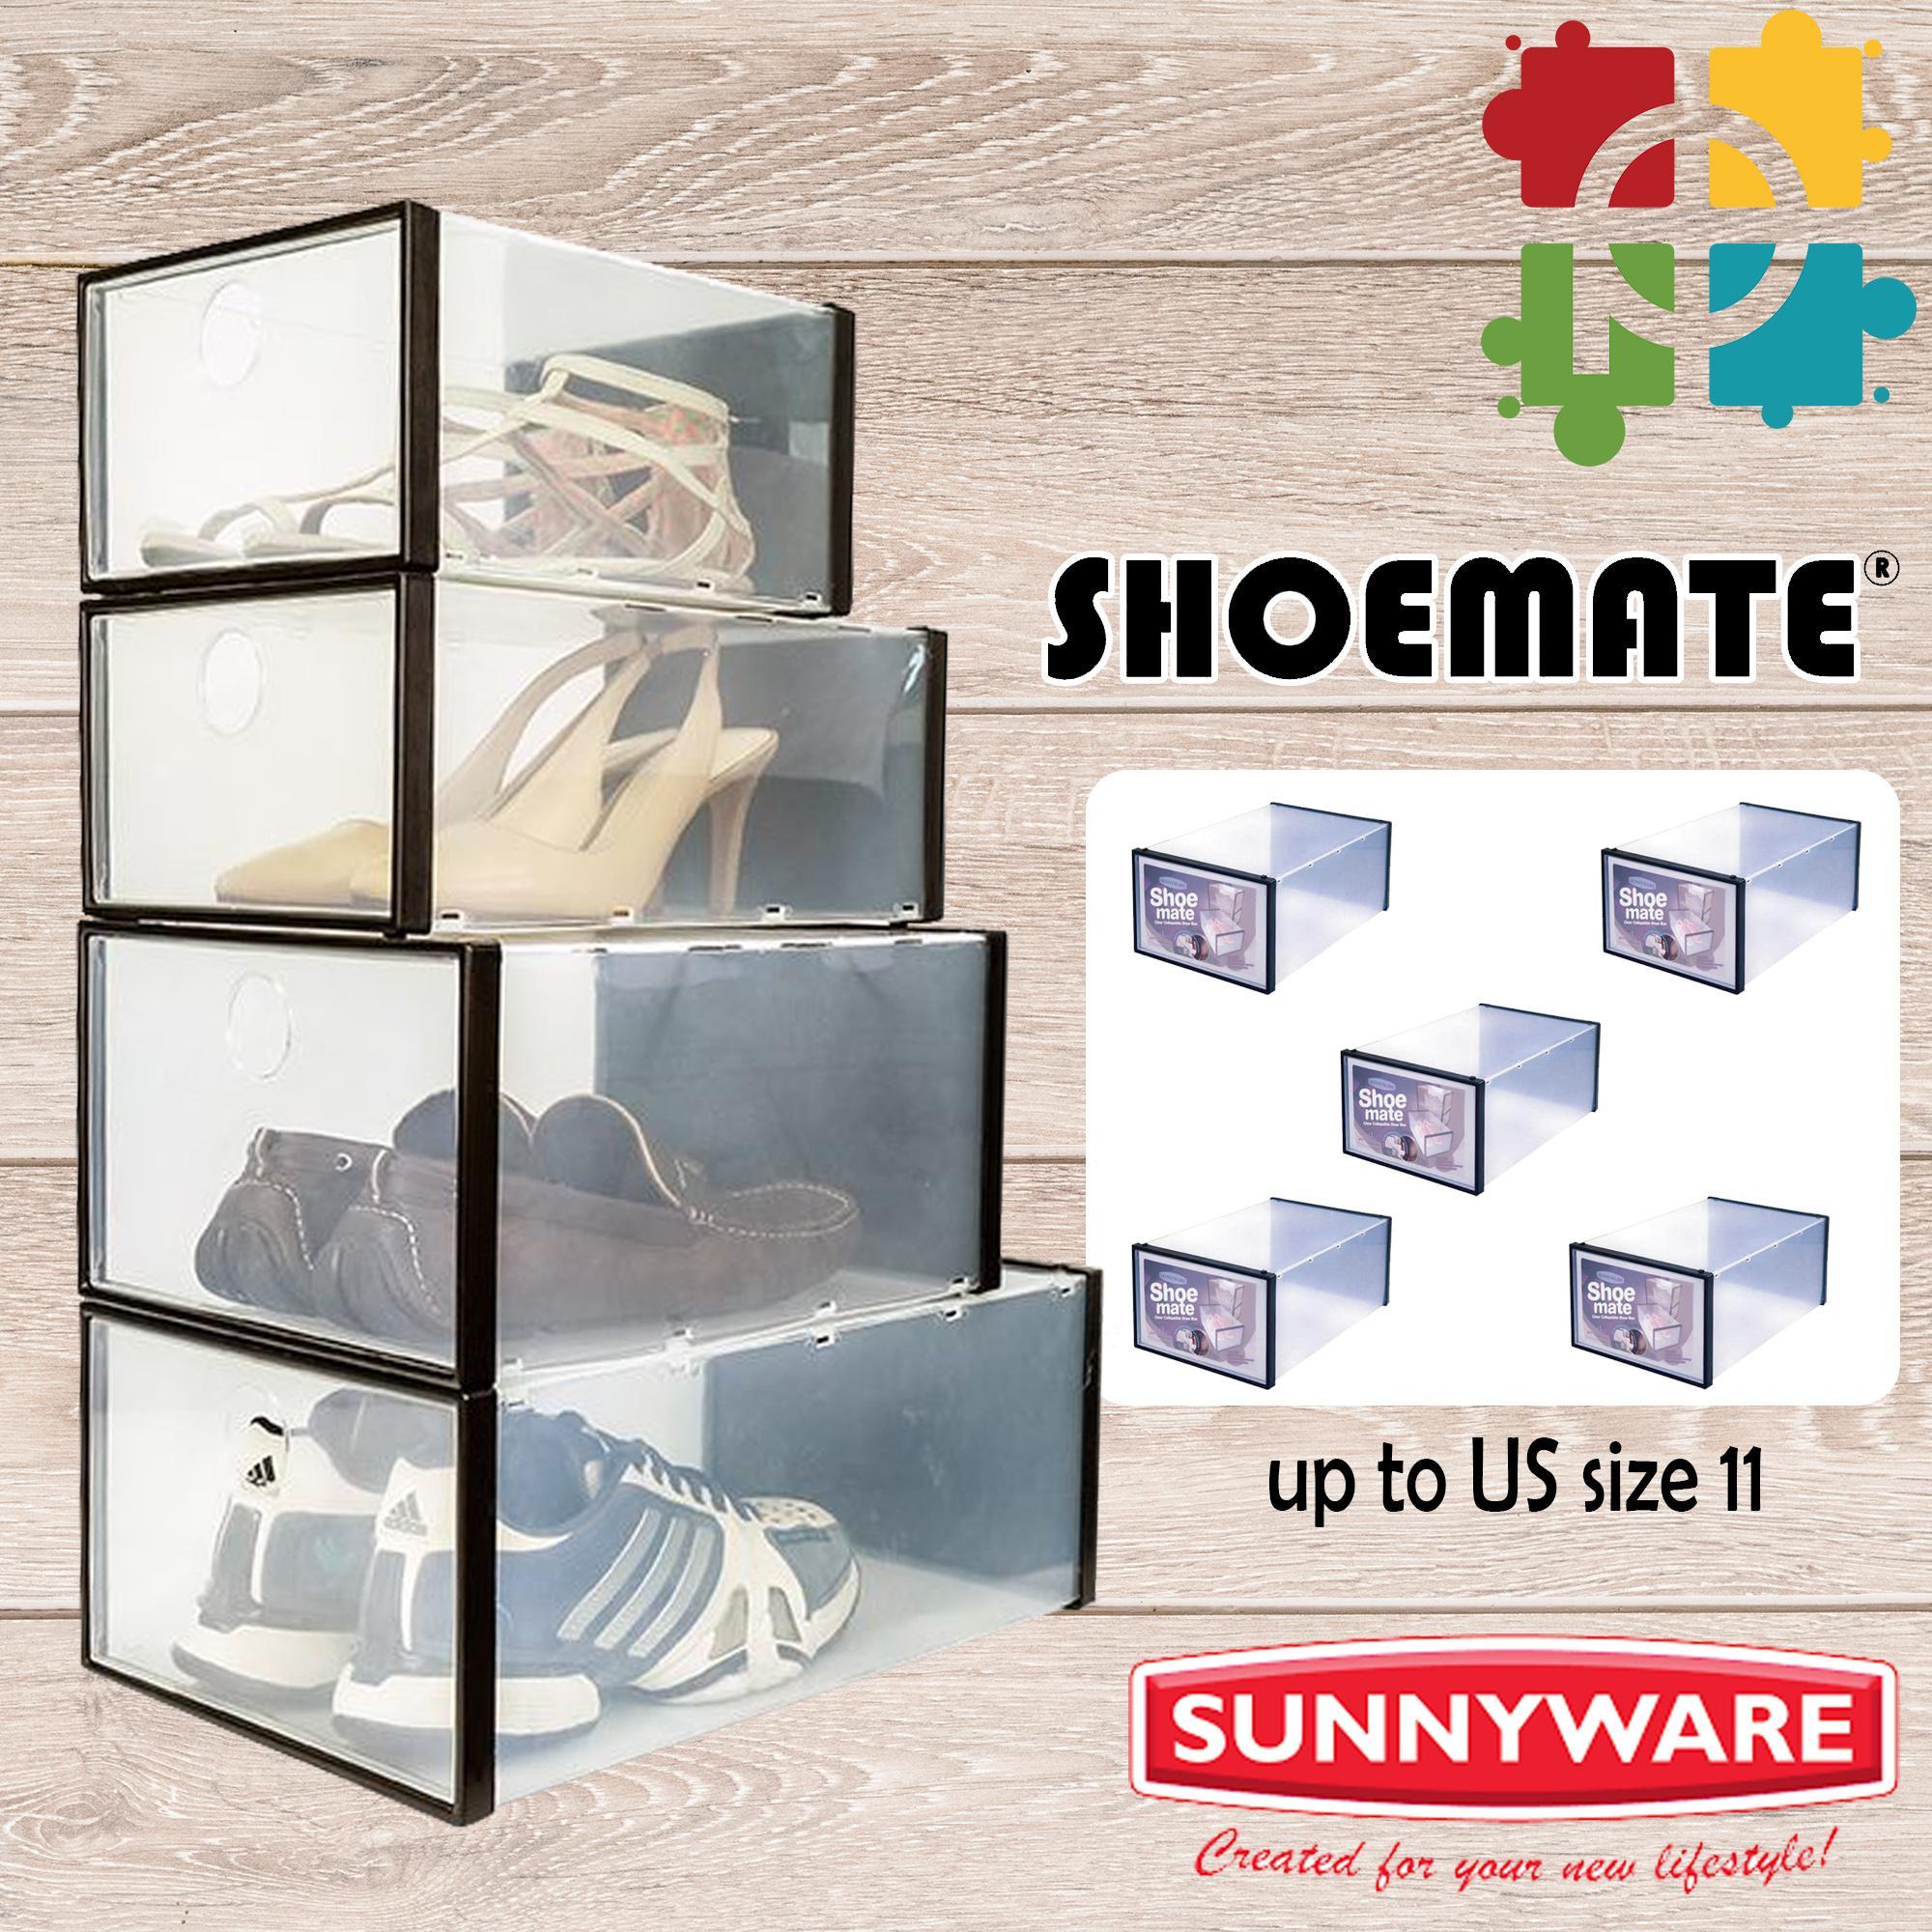 1PC Sunnyware Shoemate Medium / 324 x